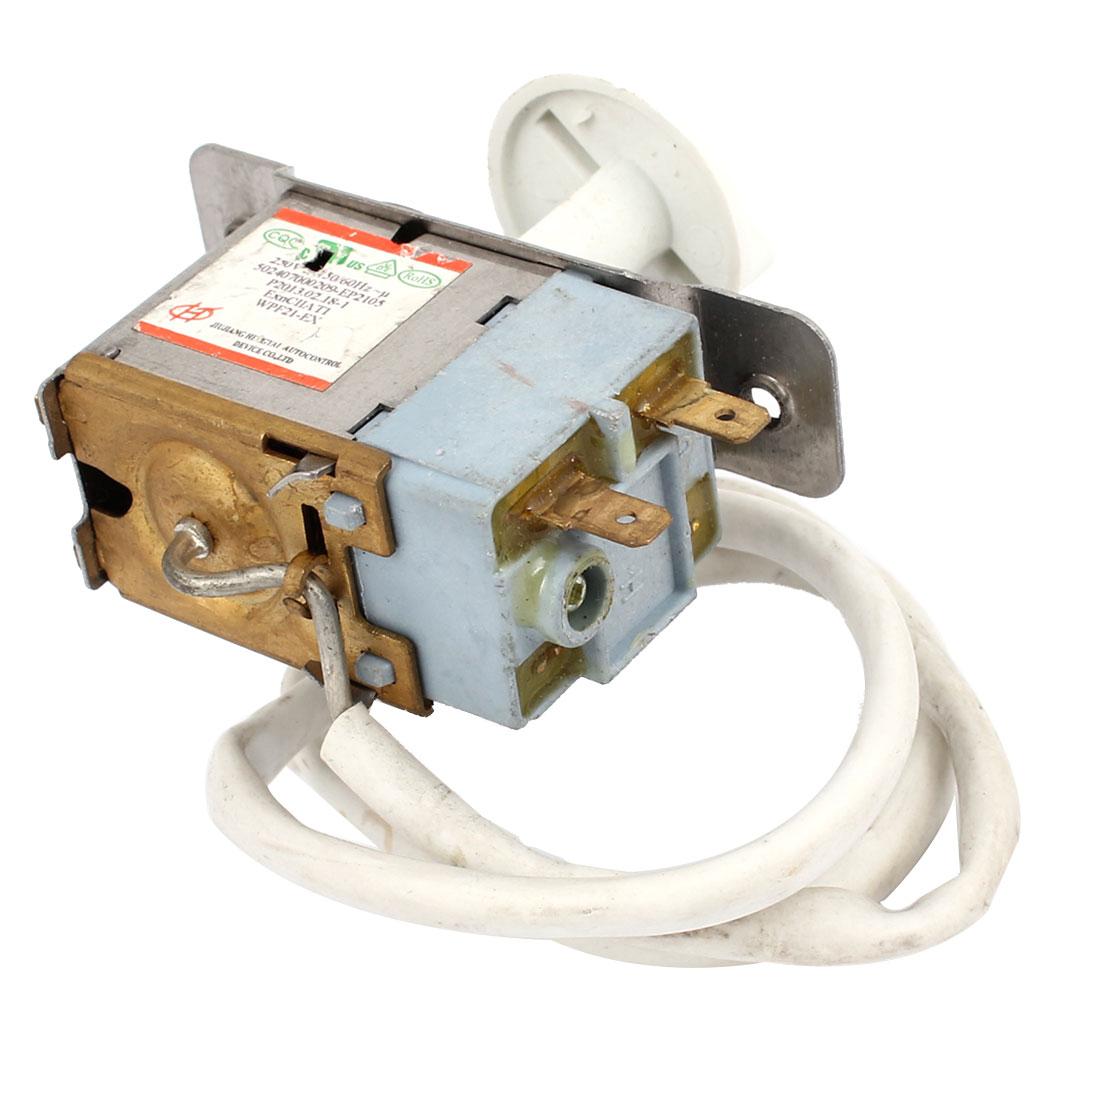 WPF21-EX AC 250V 6A 2 Terminal Freezer Refrigerator Insulating w Knob